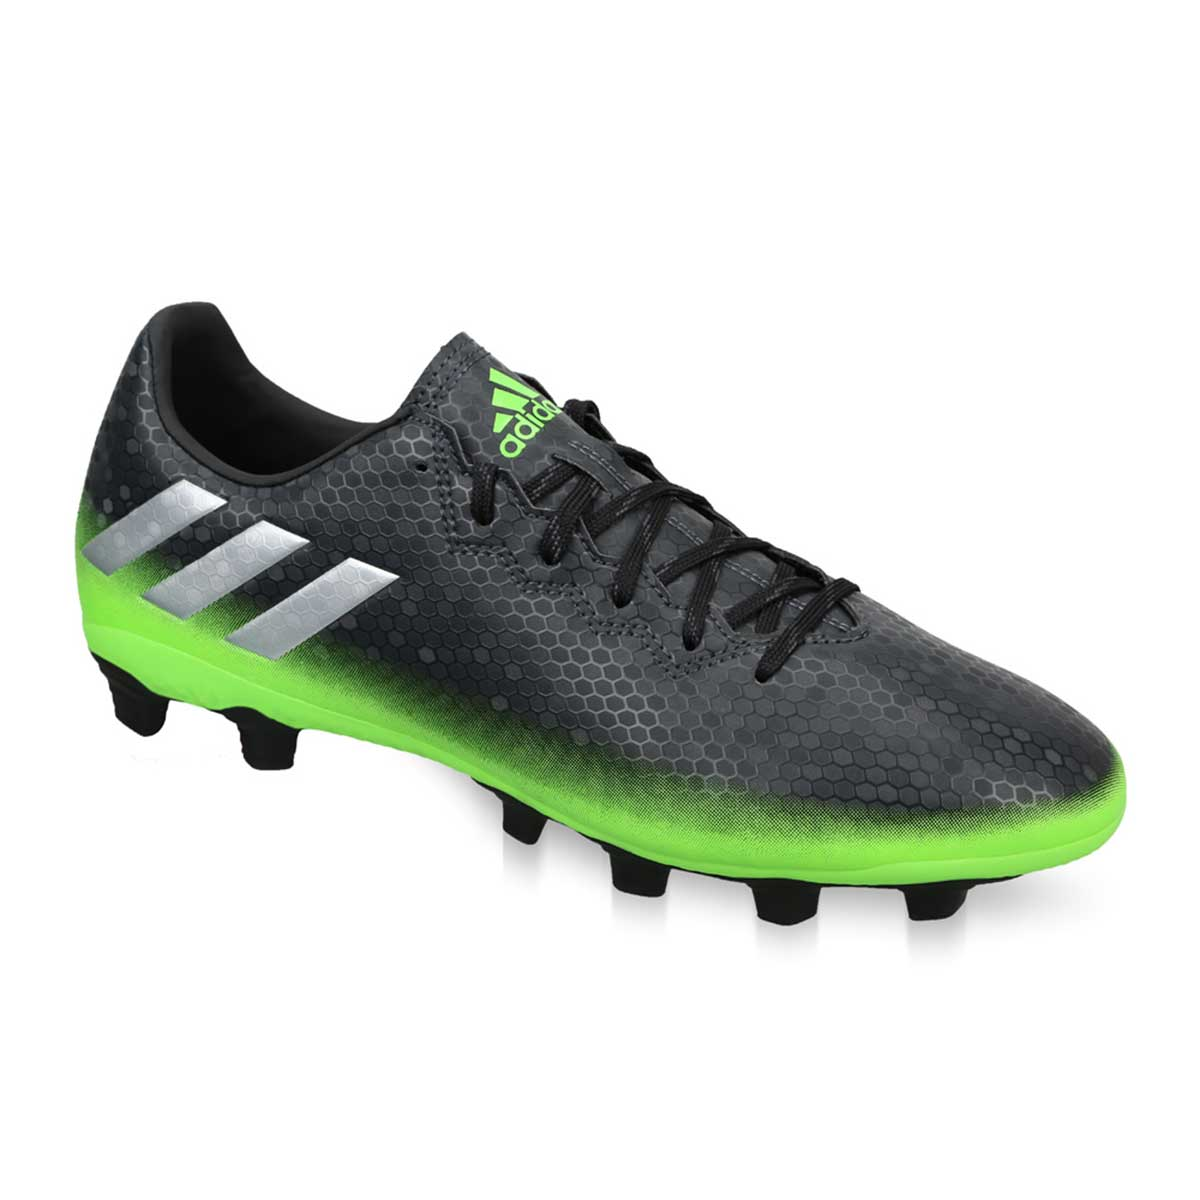 b10b9f64da5 Buy Adidas Messi 16.4 FXG Football Shoes (Darkgrey Silver) Online